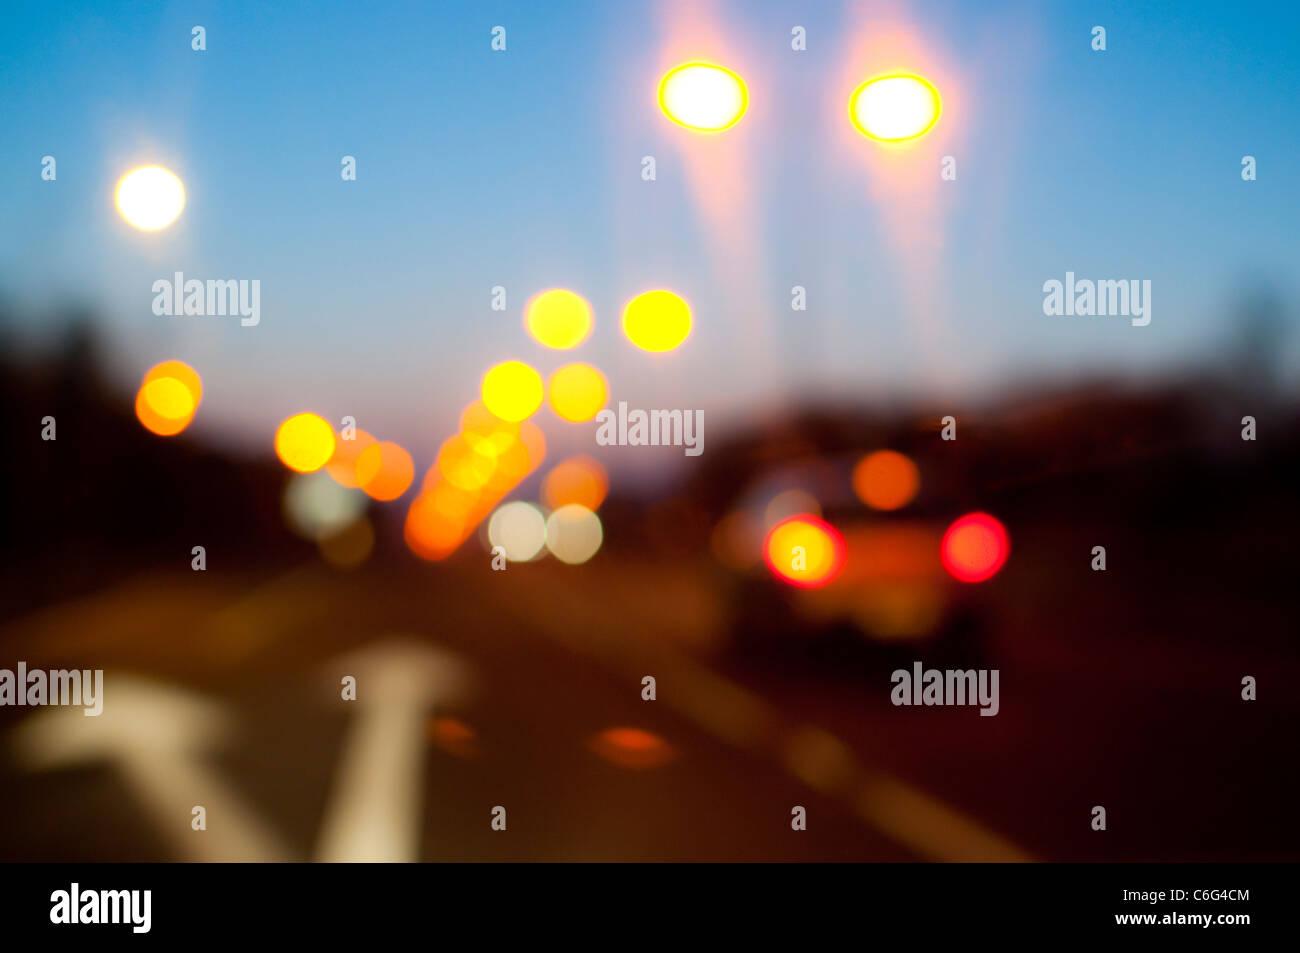 Straßenbeleuchtung und Auto Rückleuchten auf einer Straße in der Abenddämmerung Stockbild